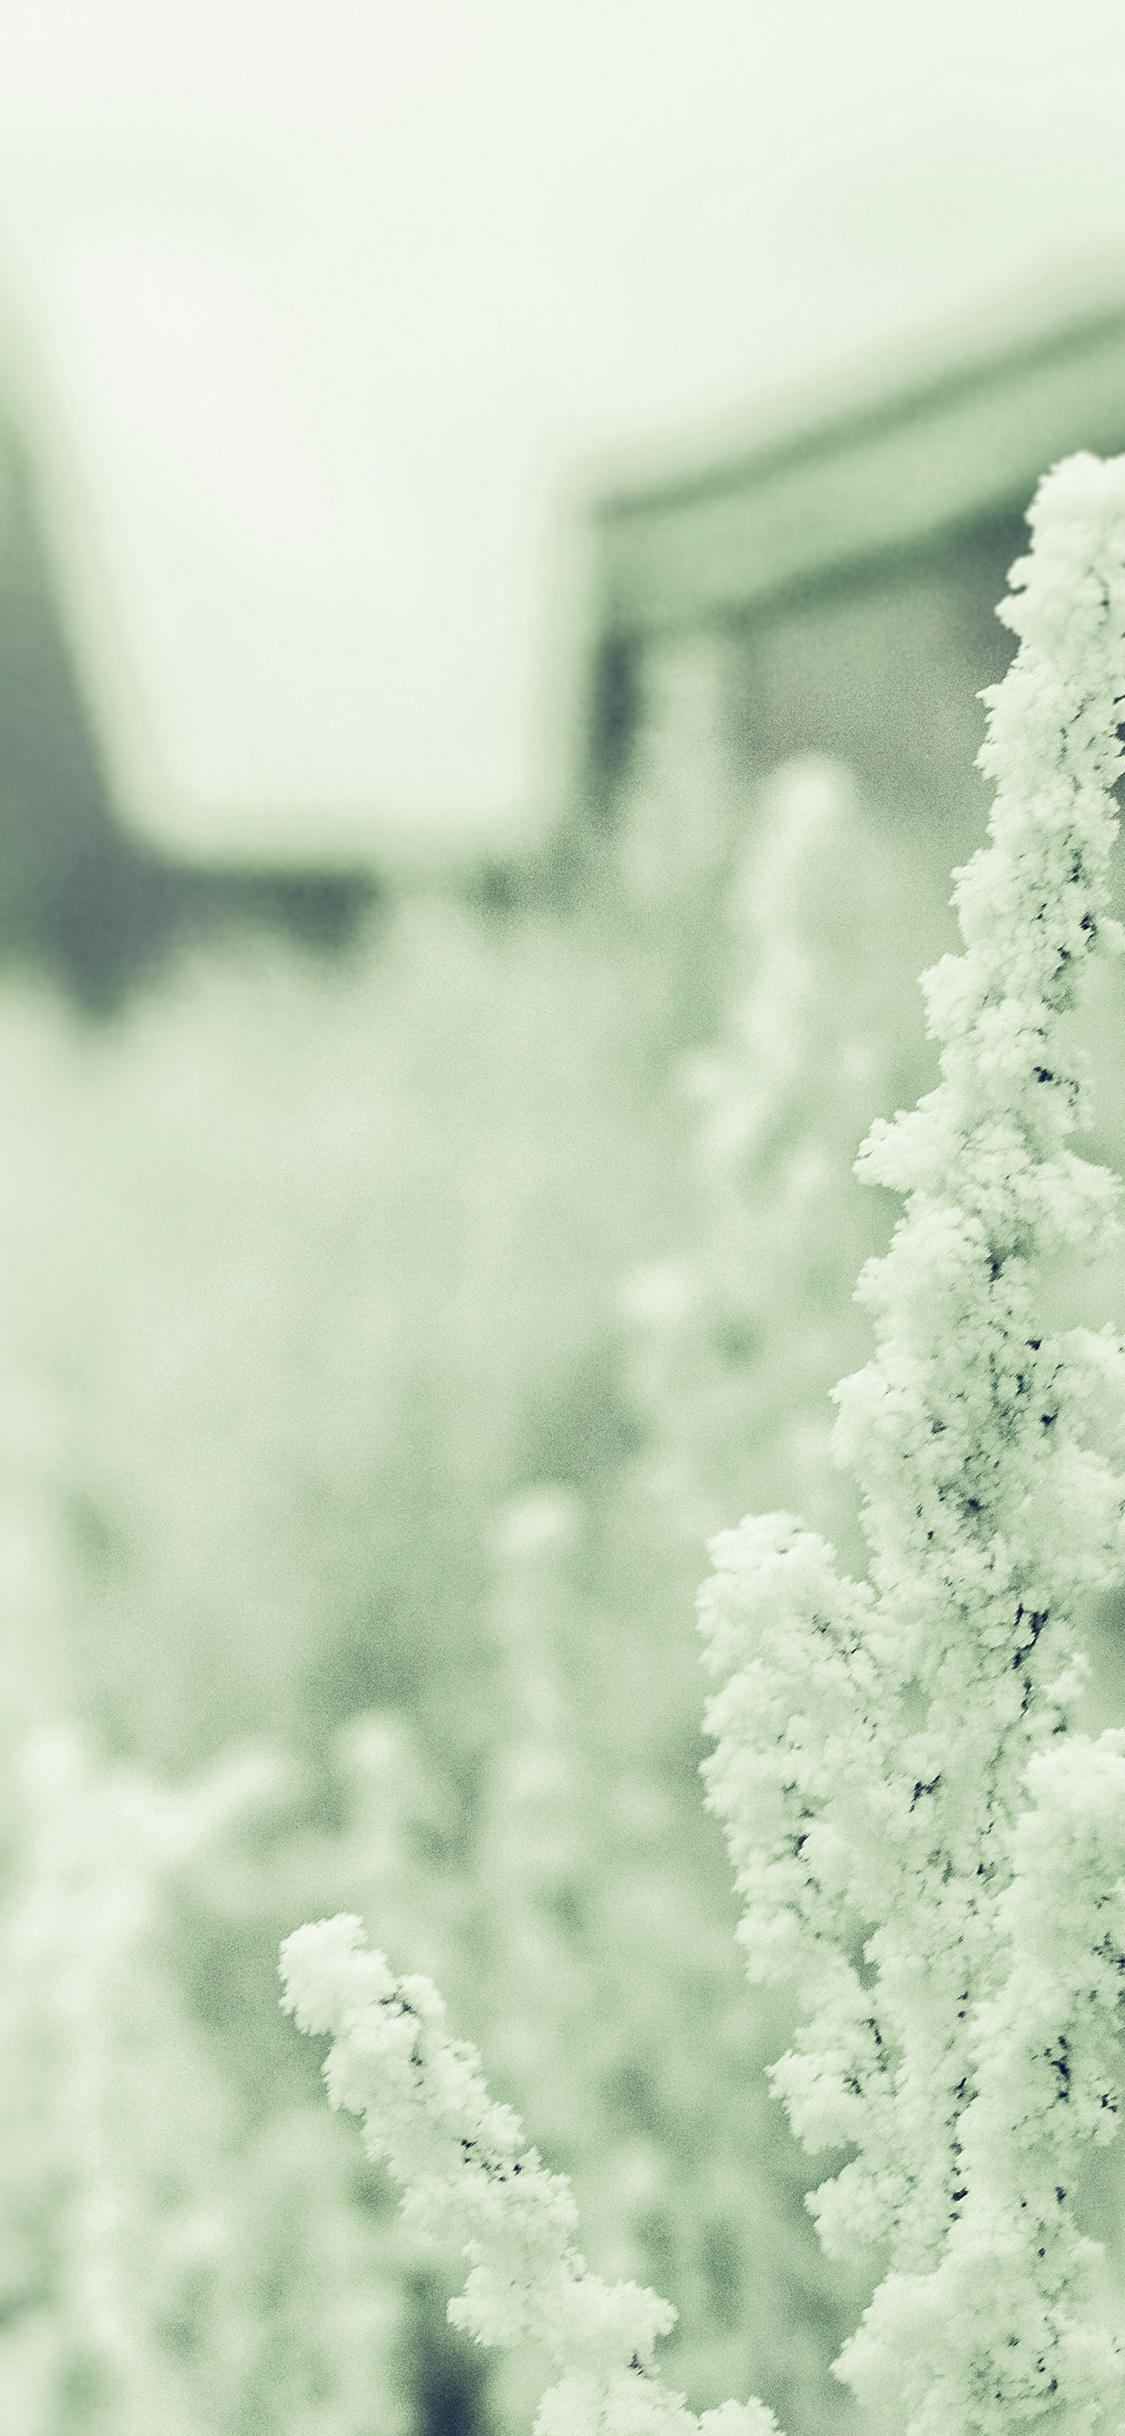 Mz71 Snow White Winter Flower Blue Green Wallpaper